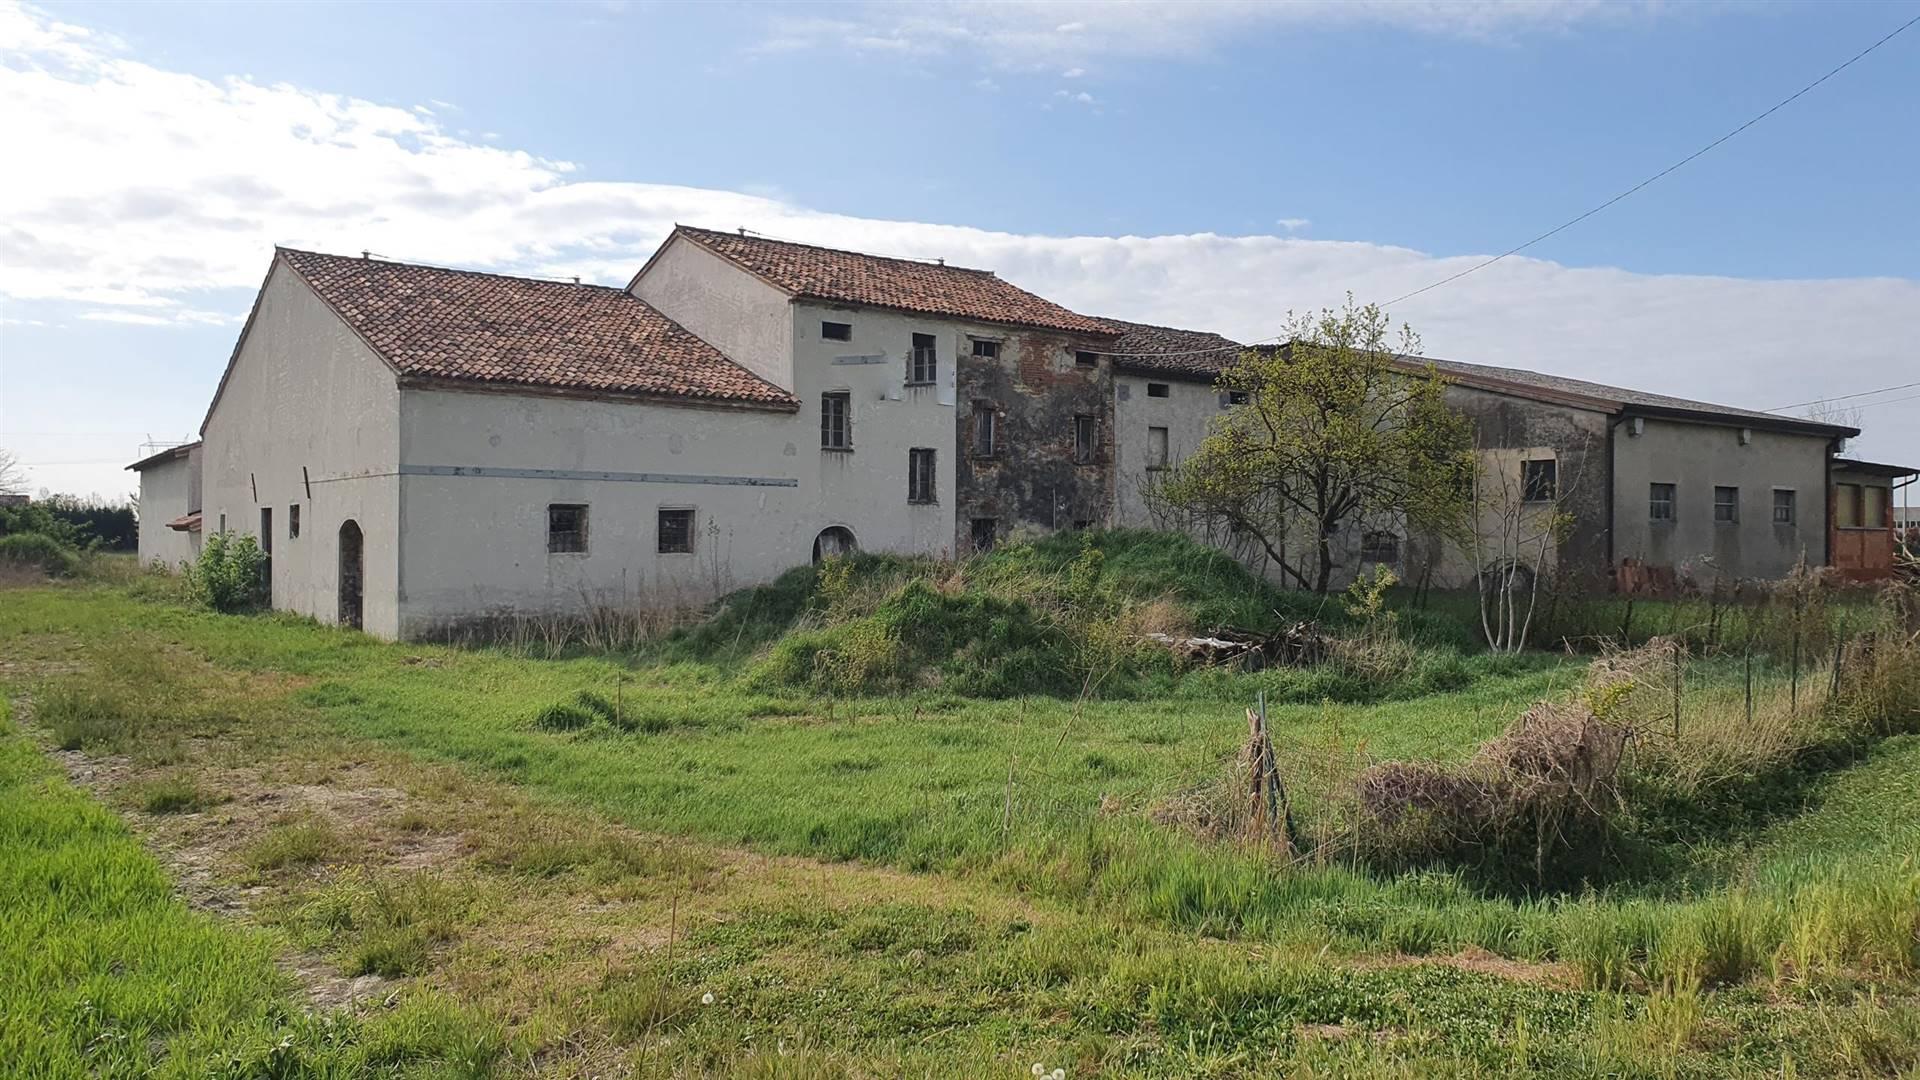 Rustico / Casale in vendita a San Benedetto Po, 10 locali, prezzo € 150.000 | CambioCasa.it